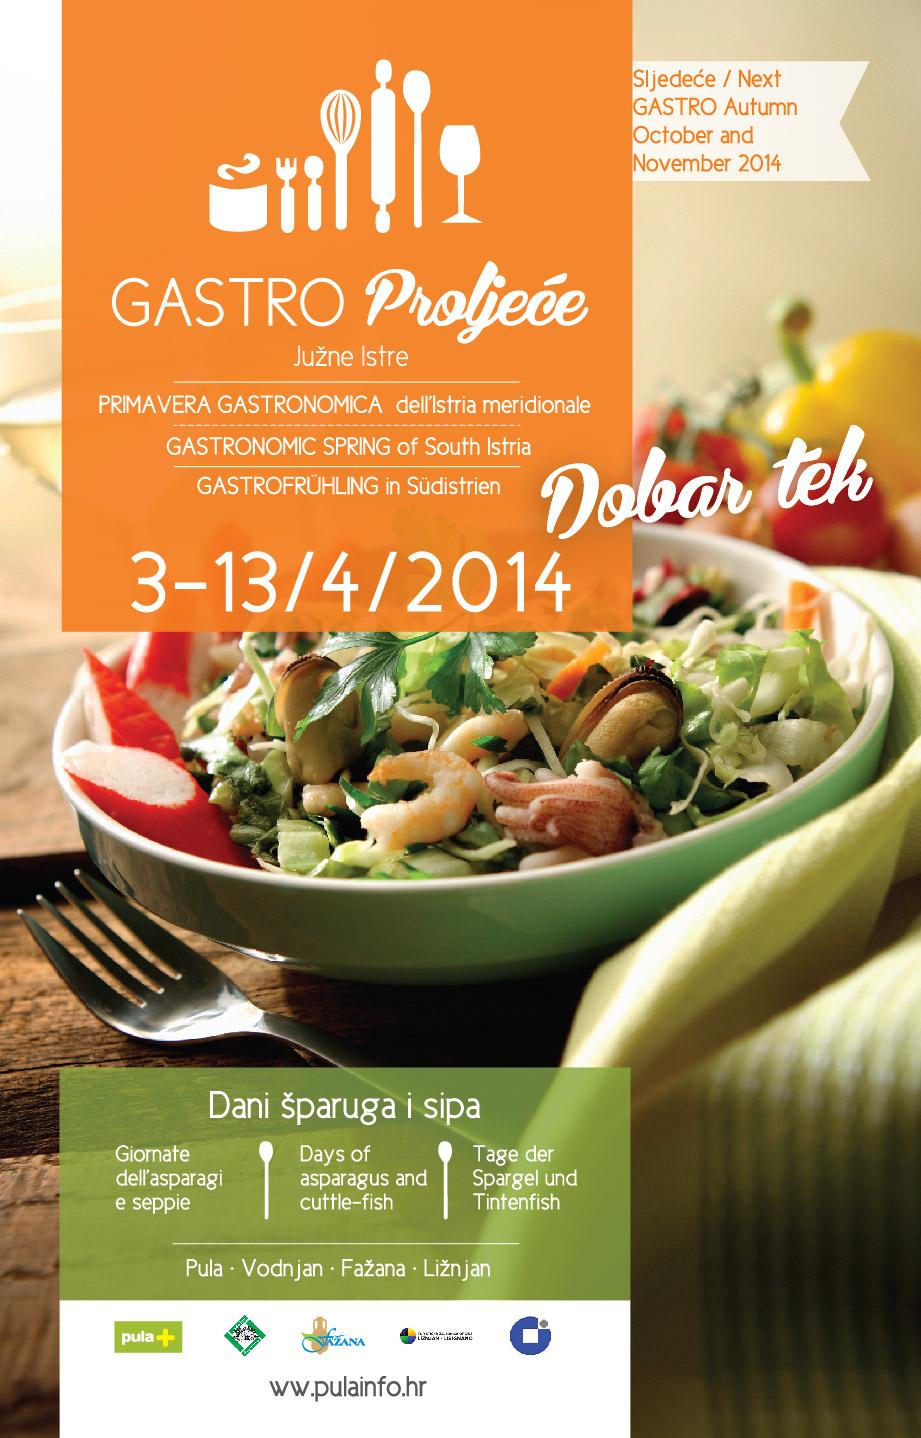 Dani šparuga i sipa 03-13.04.2014.